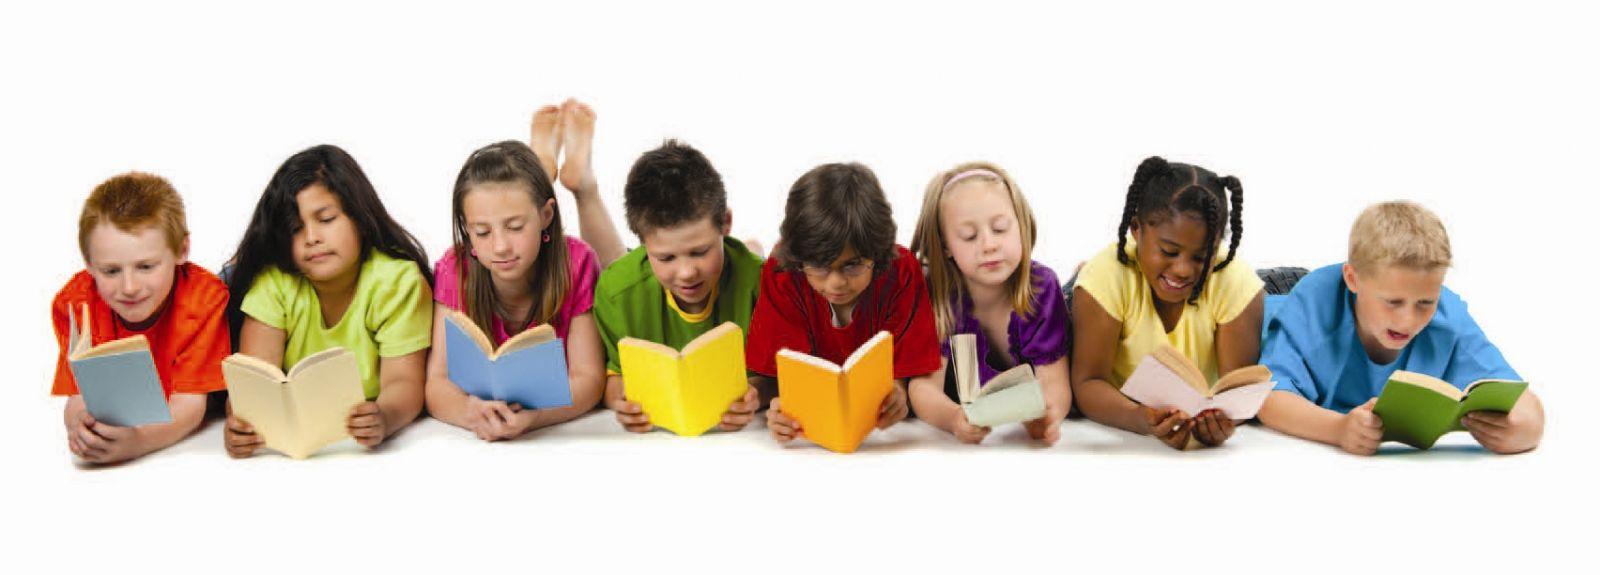 Knjige za otroke, slovarji za otroke, slikovni slovarji, Štajerska - založba Skrivnosti 001